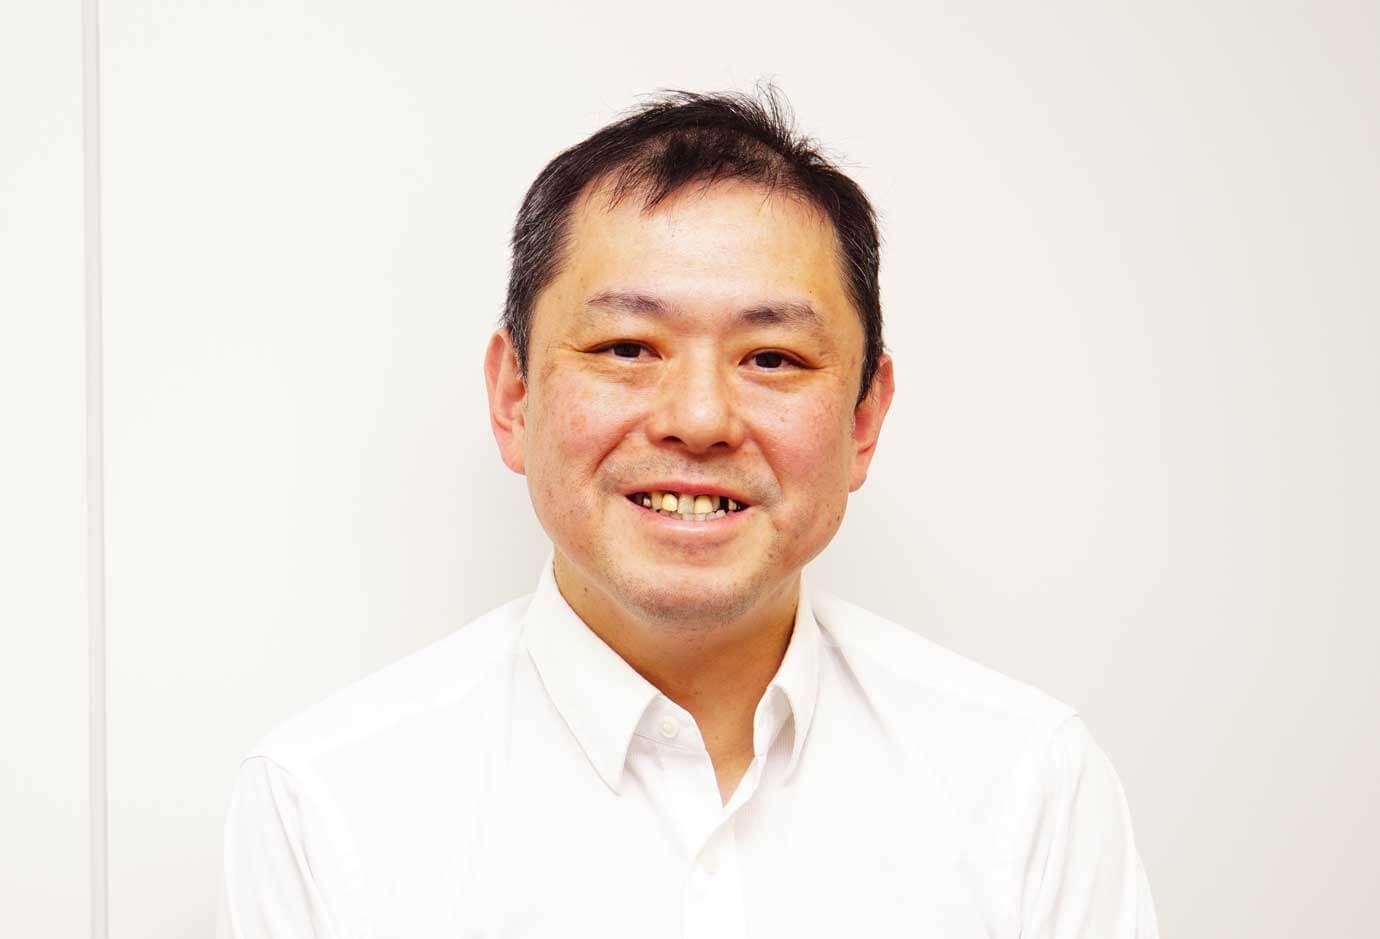 今回お話を伺った株式会社エヌジェーケー メディアドライブ事業部 業務部 企画担当の薗部紀樹課長。